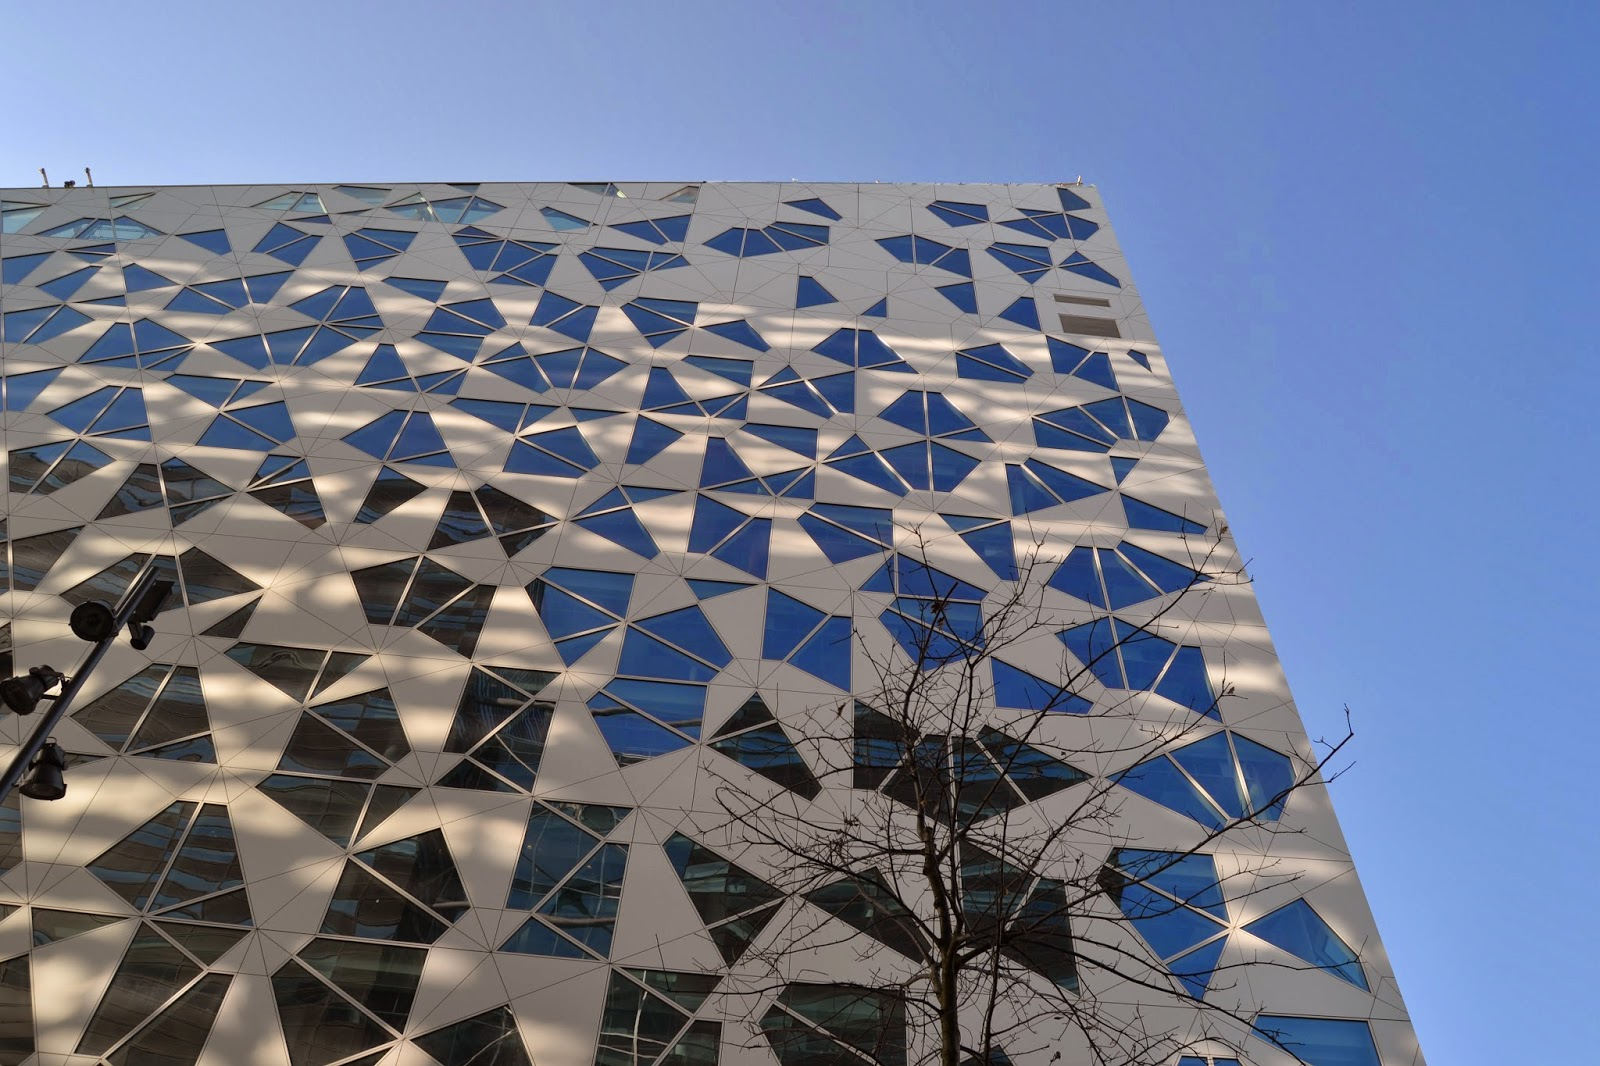 Oslo Bjørvika architecture